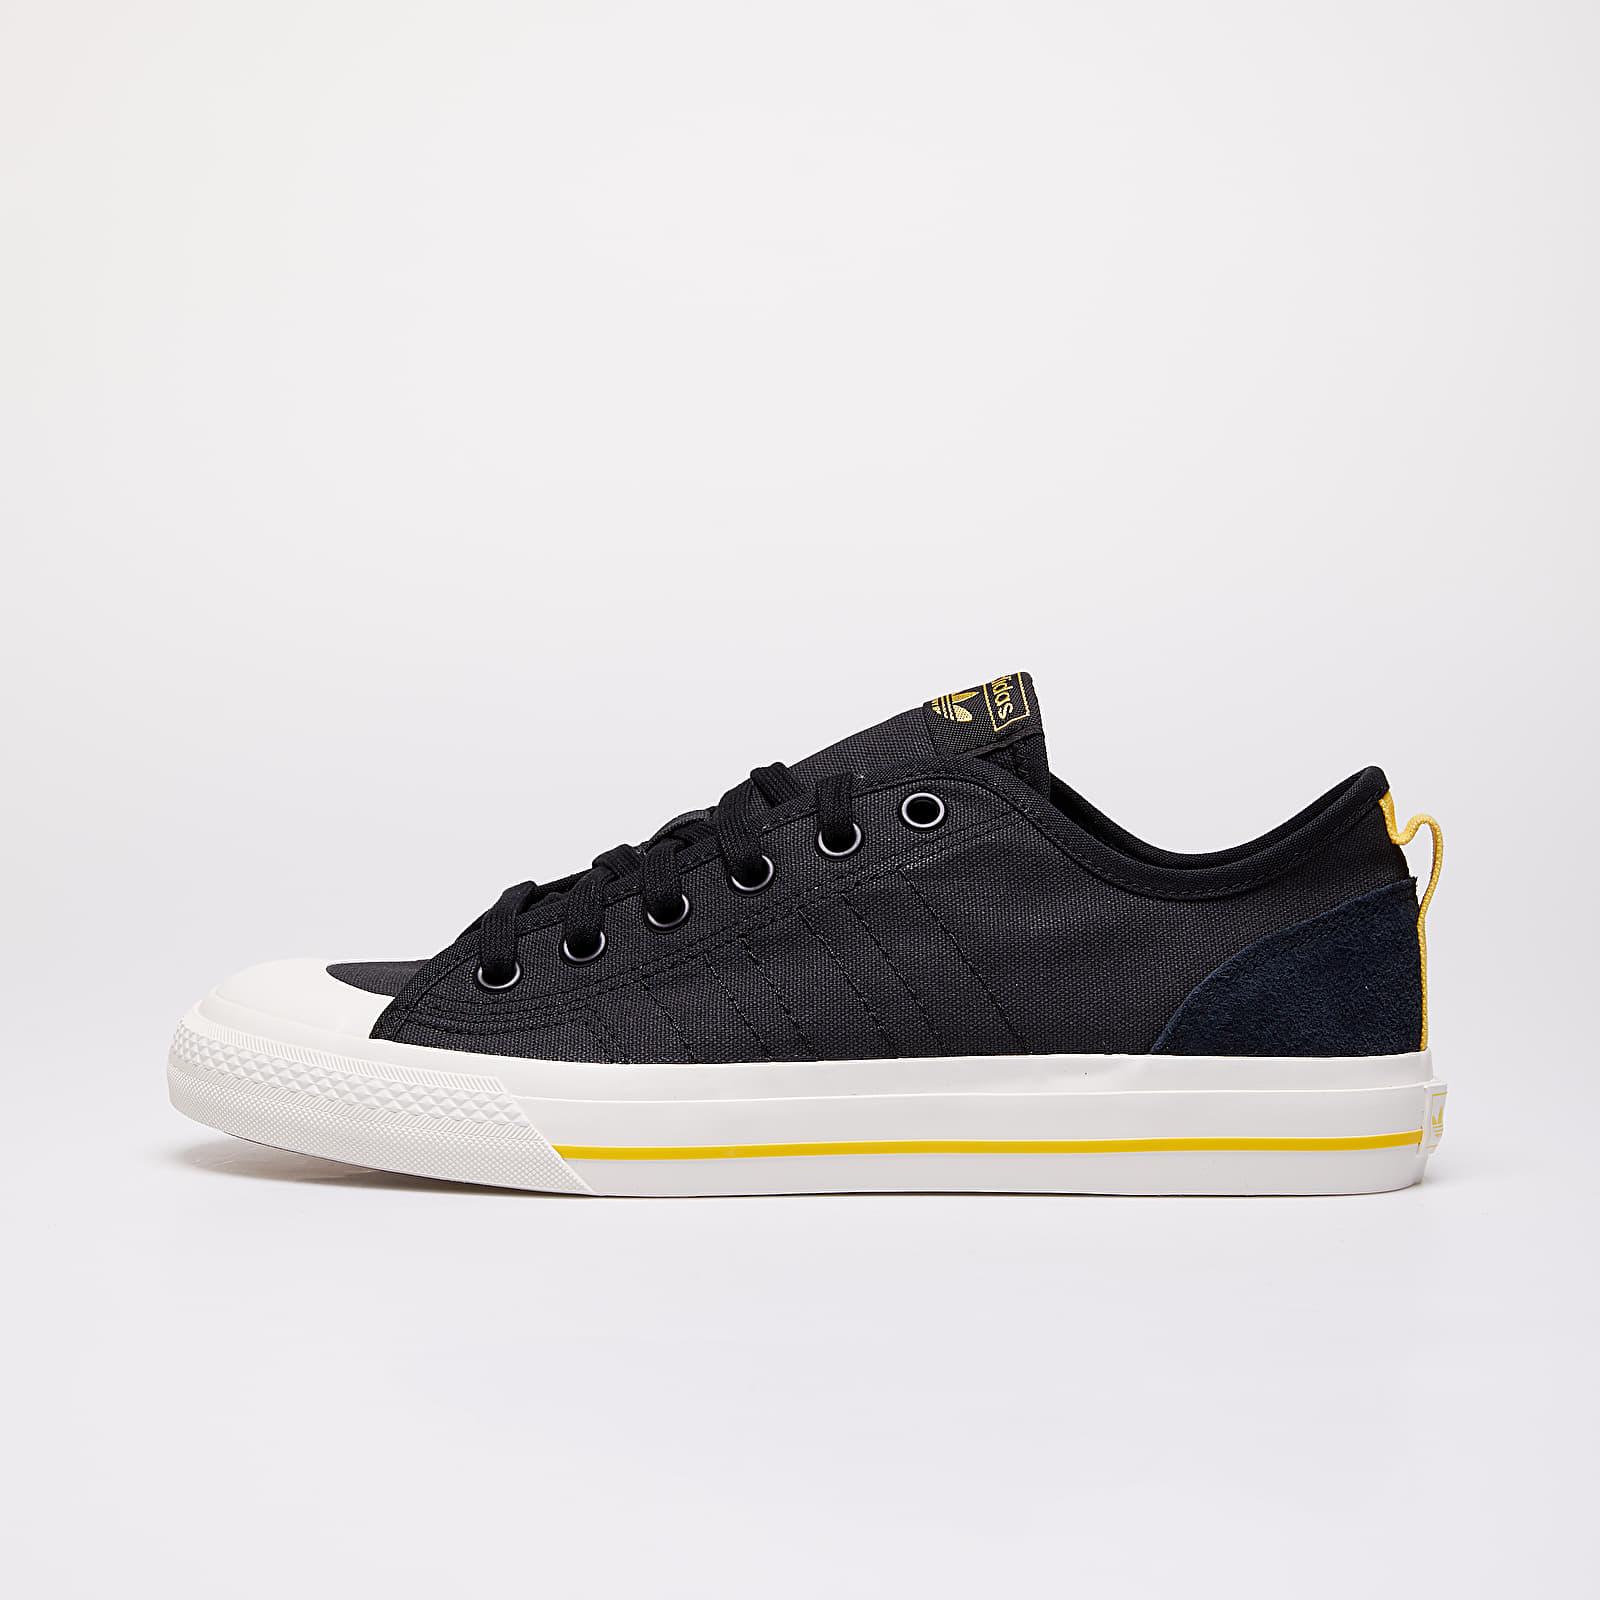 Men's shoes adidas Nizza RF Core Black/ Off White/ Core Brown